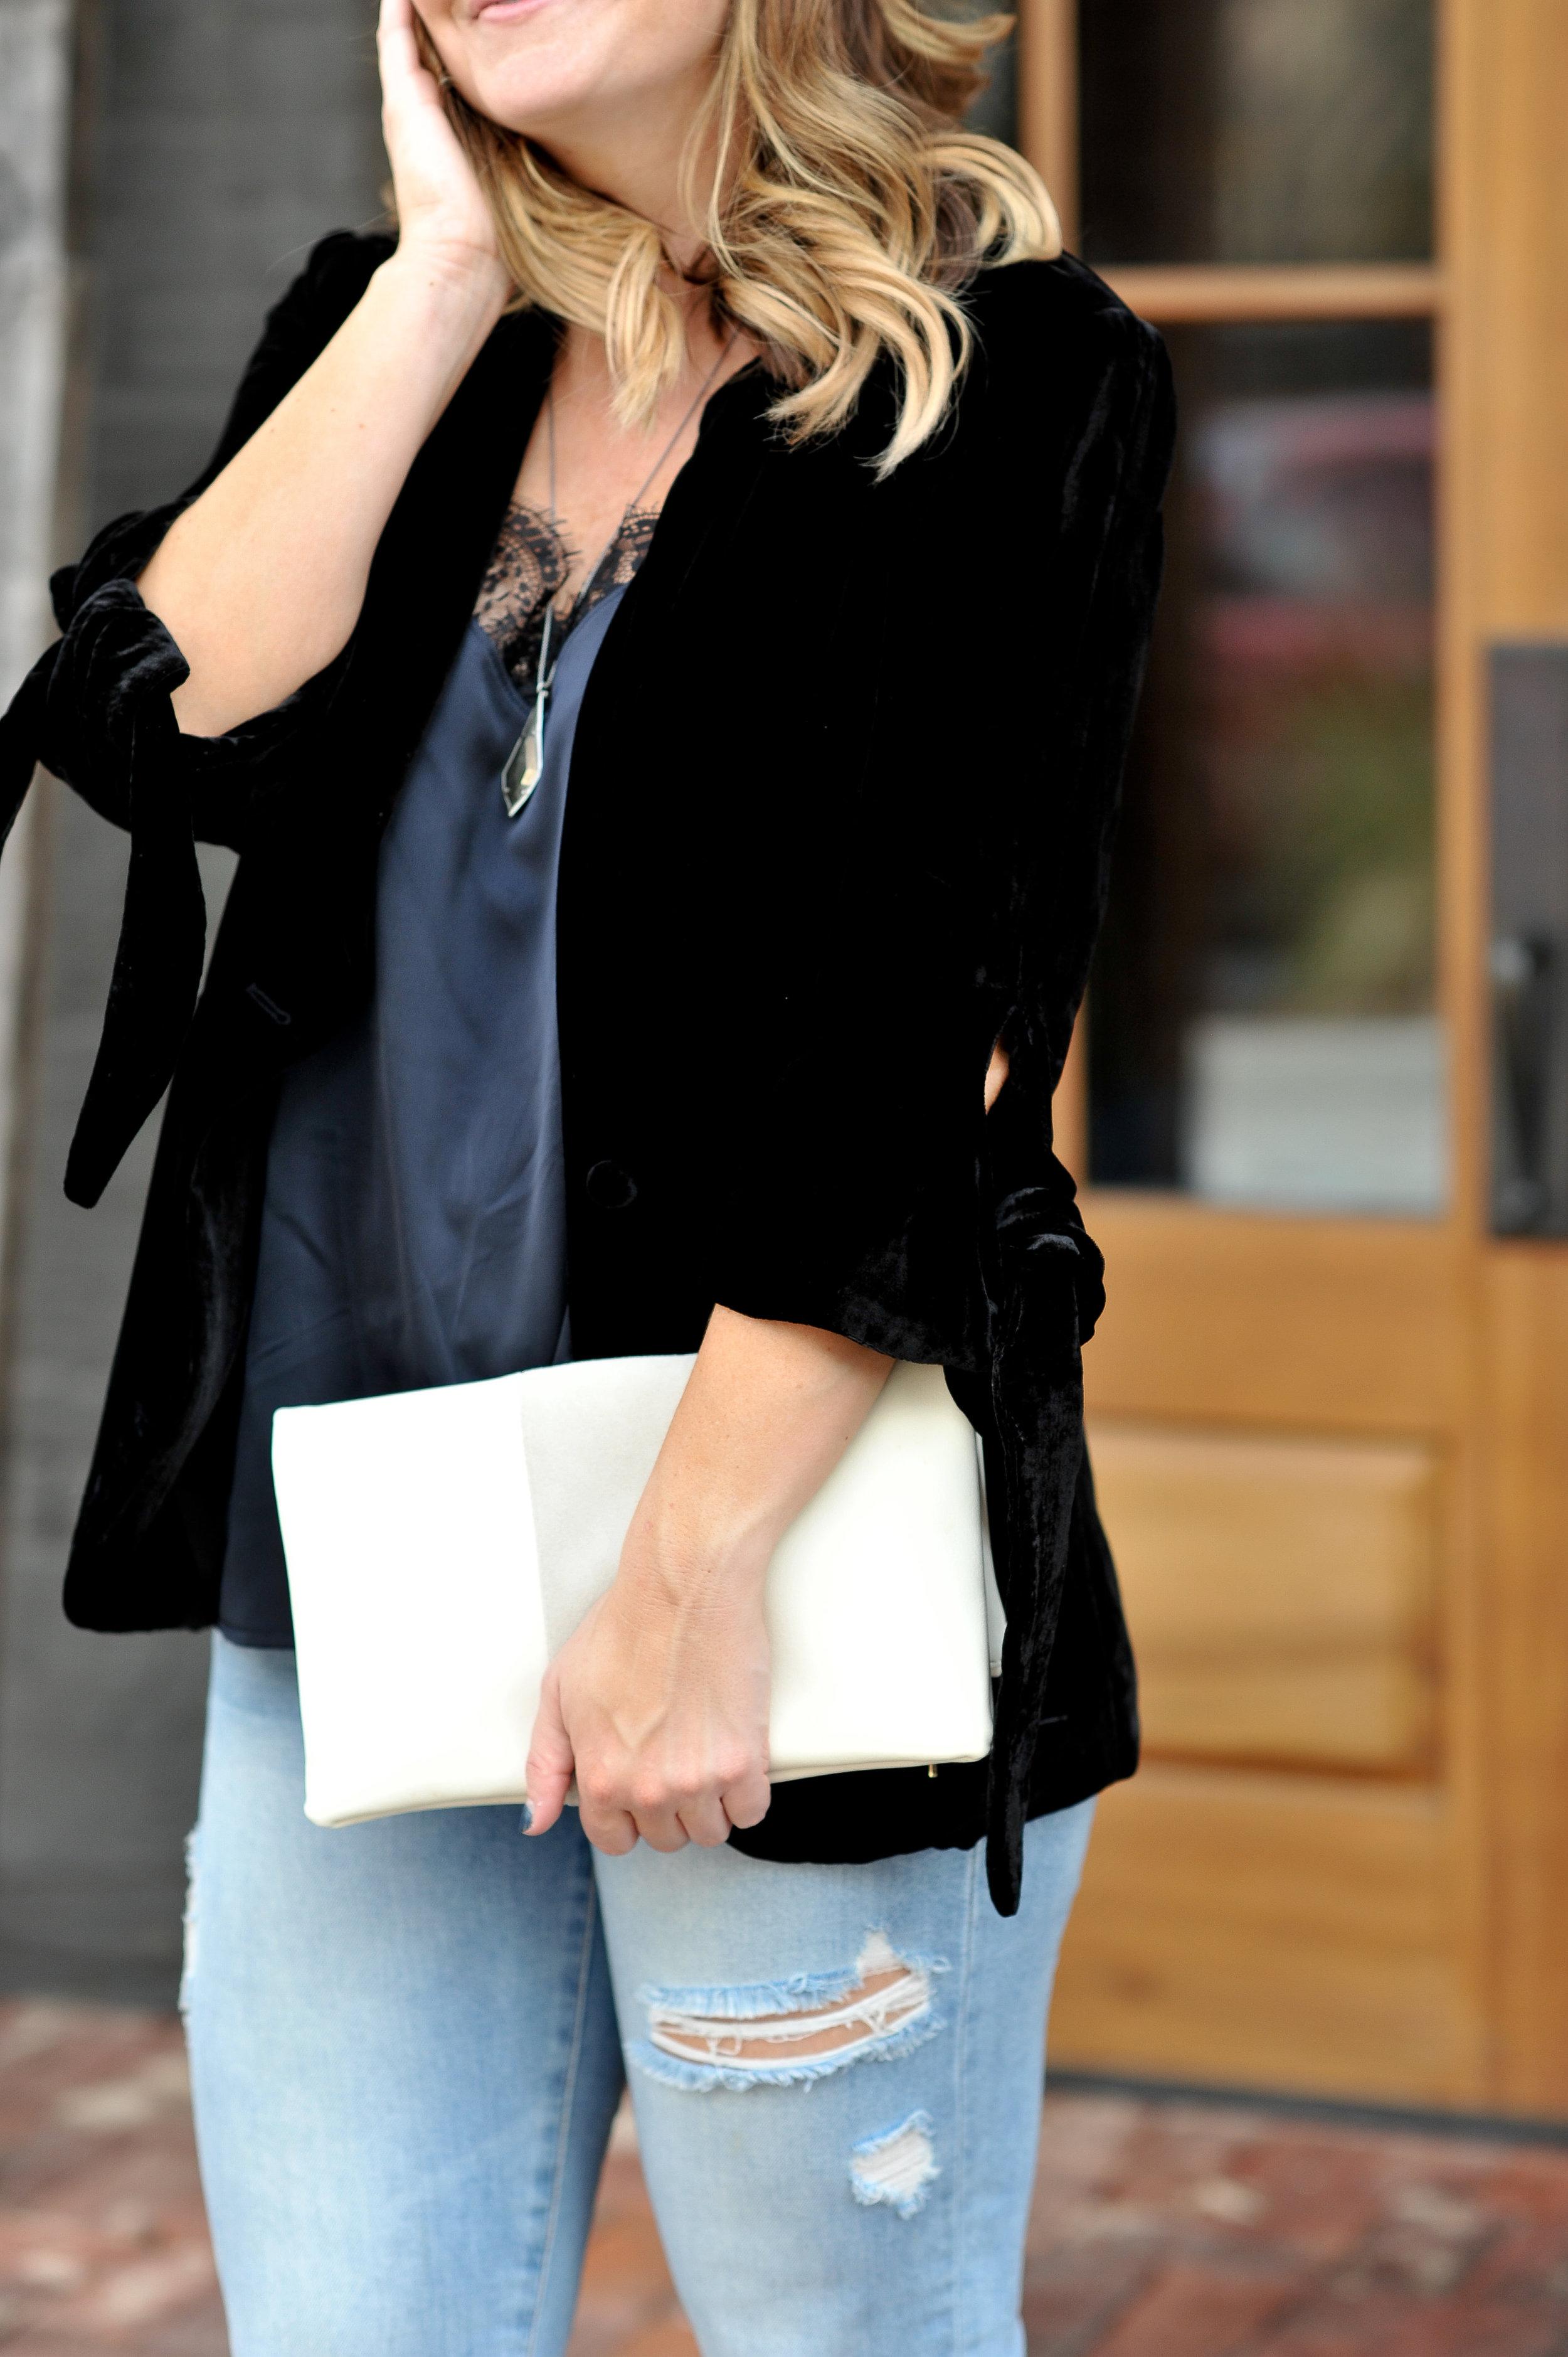 halogen blazer         halogen camisole         kendra scott pendant         blanknyc jeans    (   similar here   )      stuart weitzman heels         bp clutch